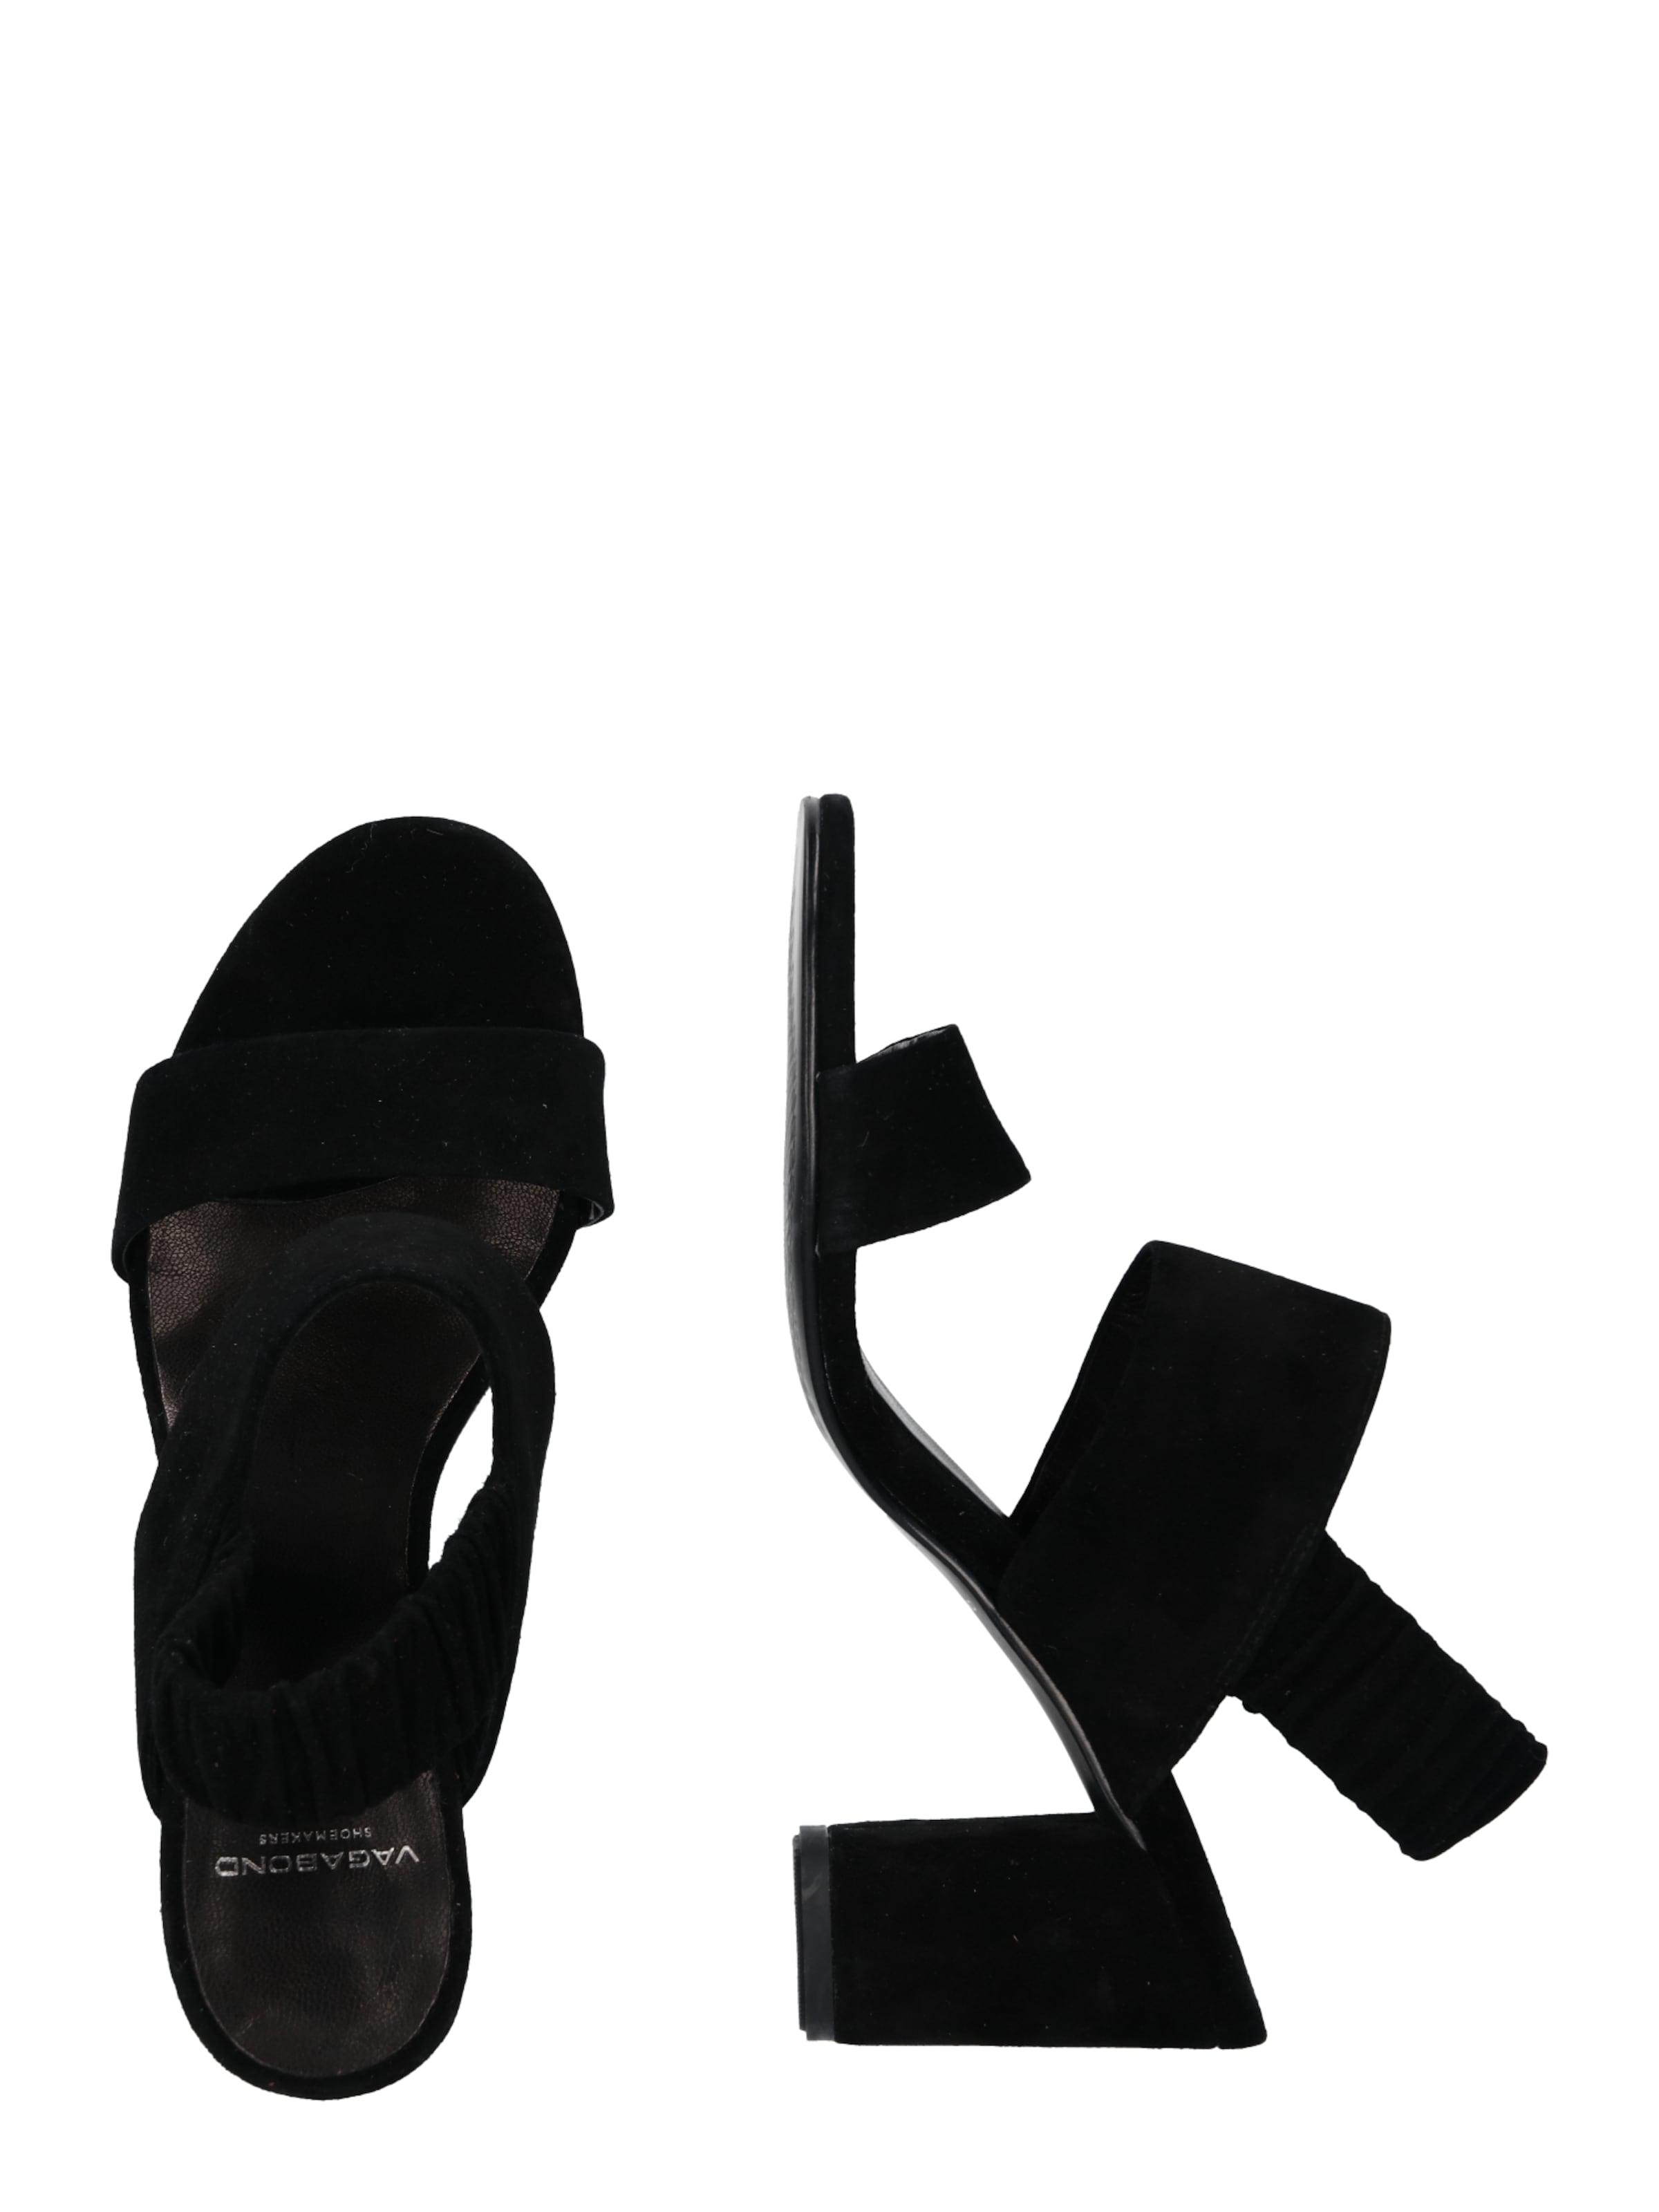 Vagabond À Sandales Shoemakers Noir 'penny' En Lanières CoredxB